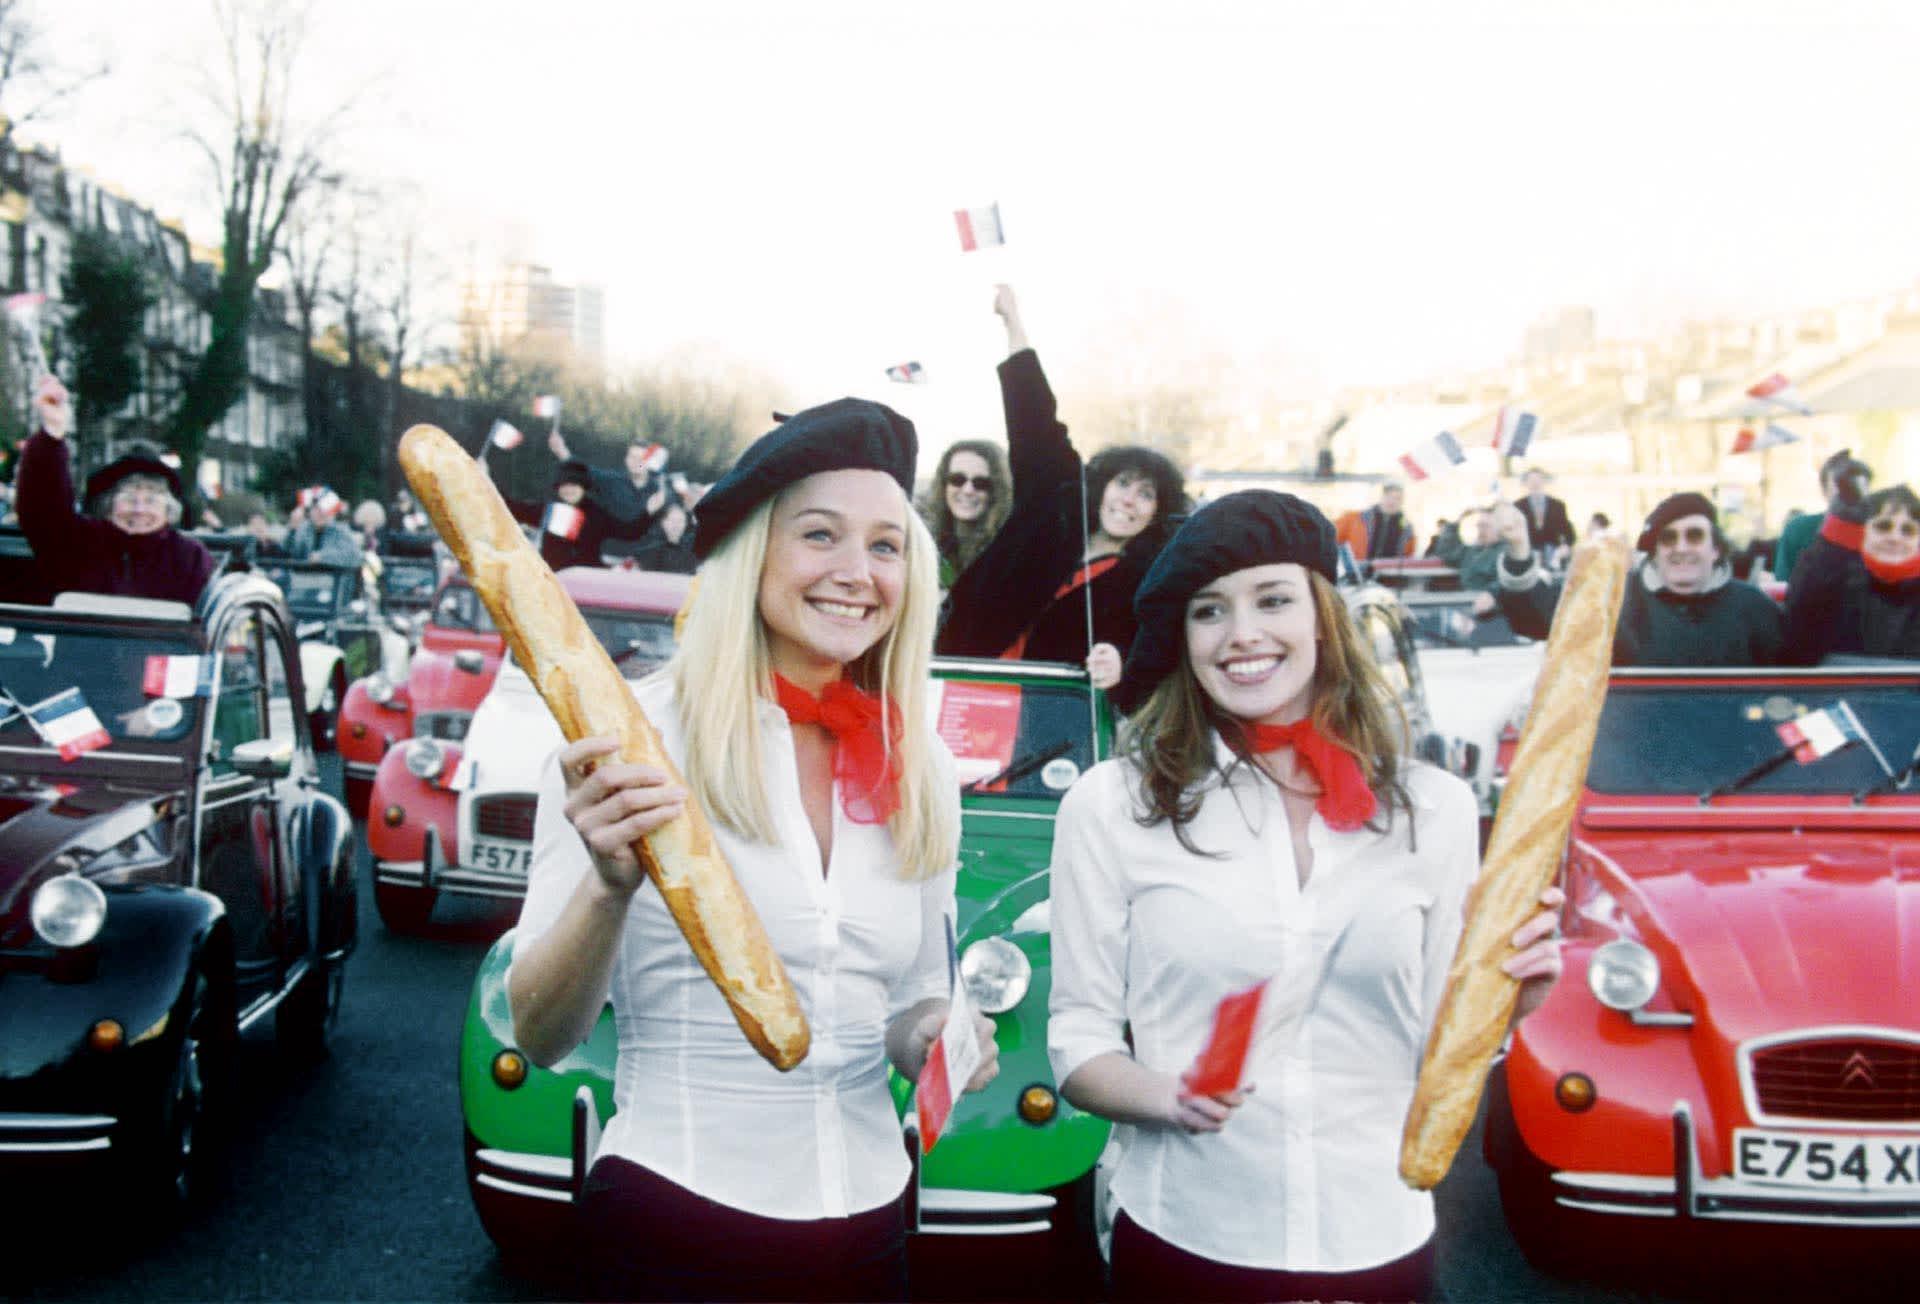 Baskeriin pukeutuneet naiset heiluttelevat patonkeja Citroen-autojen kokoontumisajoissa.